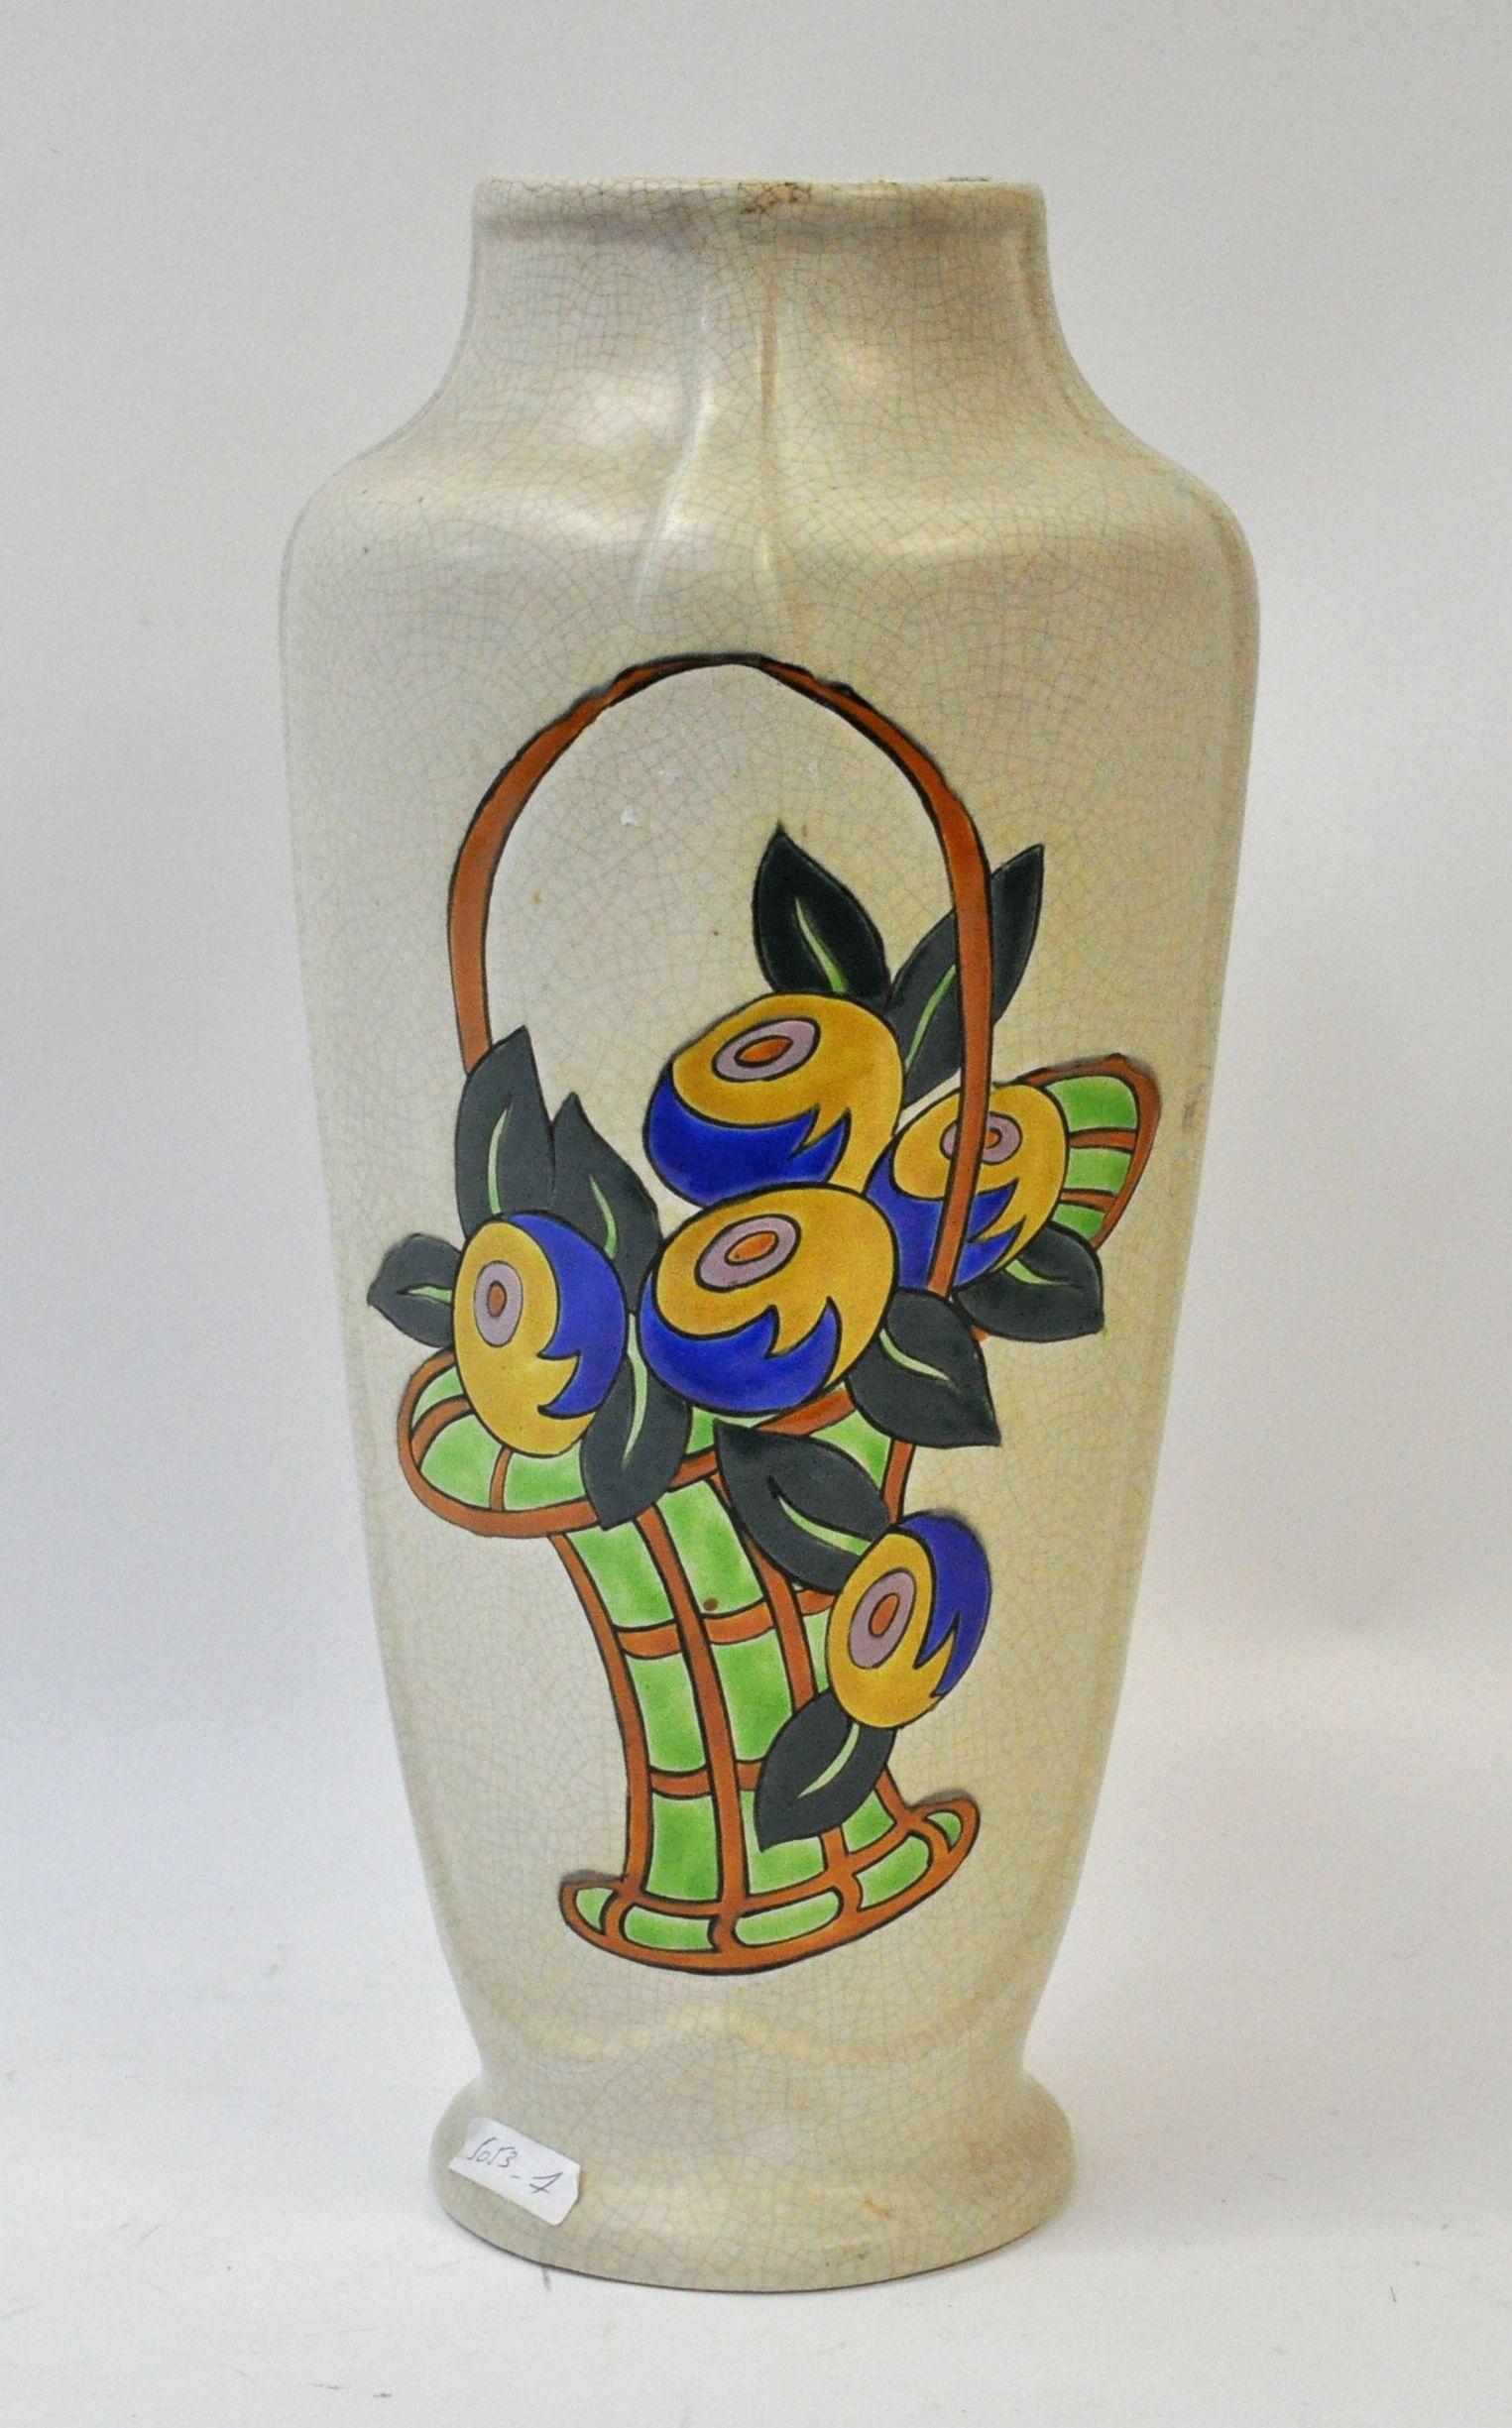 Een art deco vaas van crackleware met een gestileerde bloemenkorf op de buik. Onderaan gemerkt.